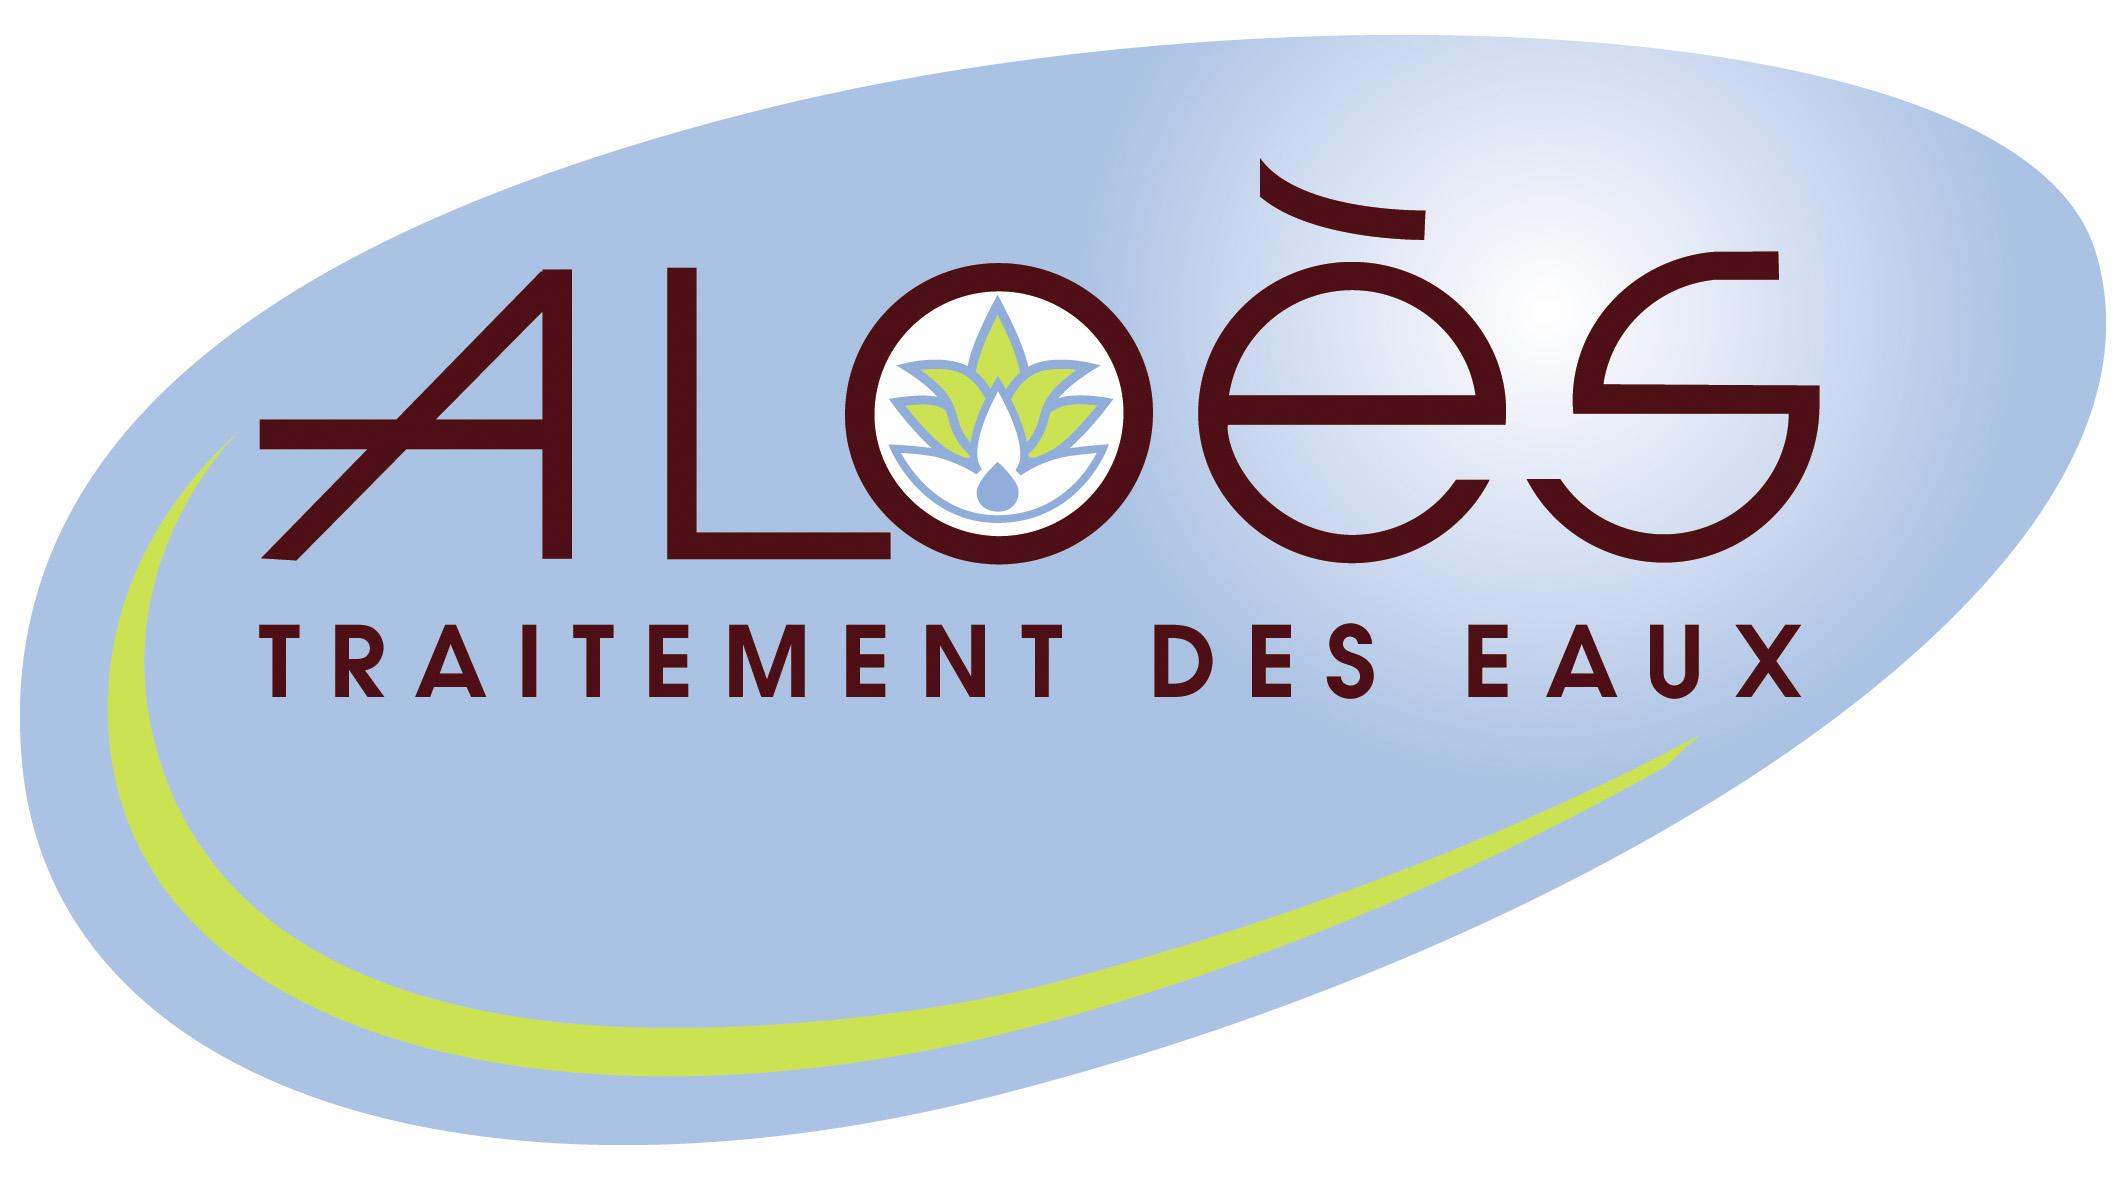 1525332865-aloes-traitement-des-eaux.jpg